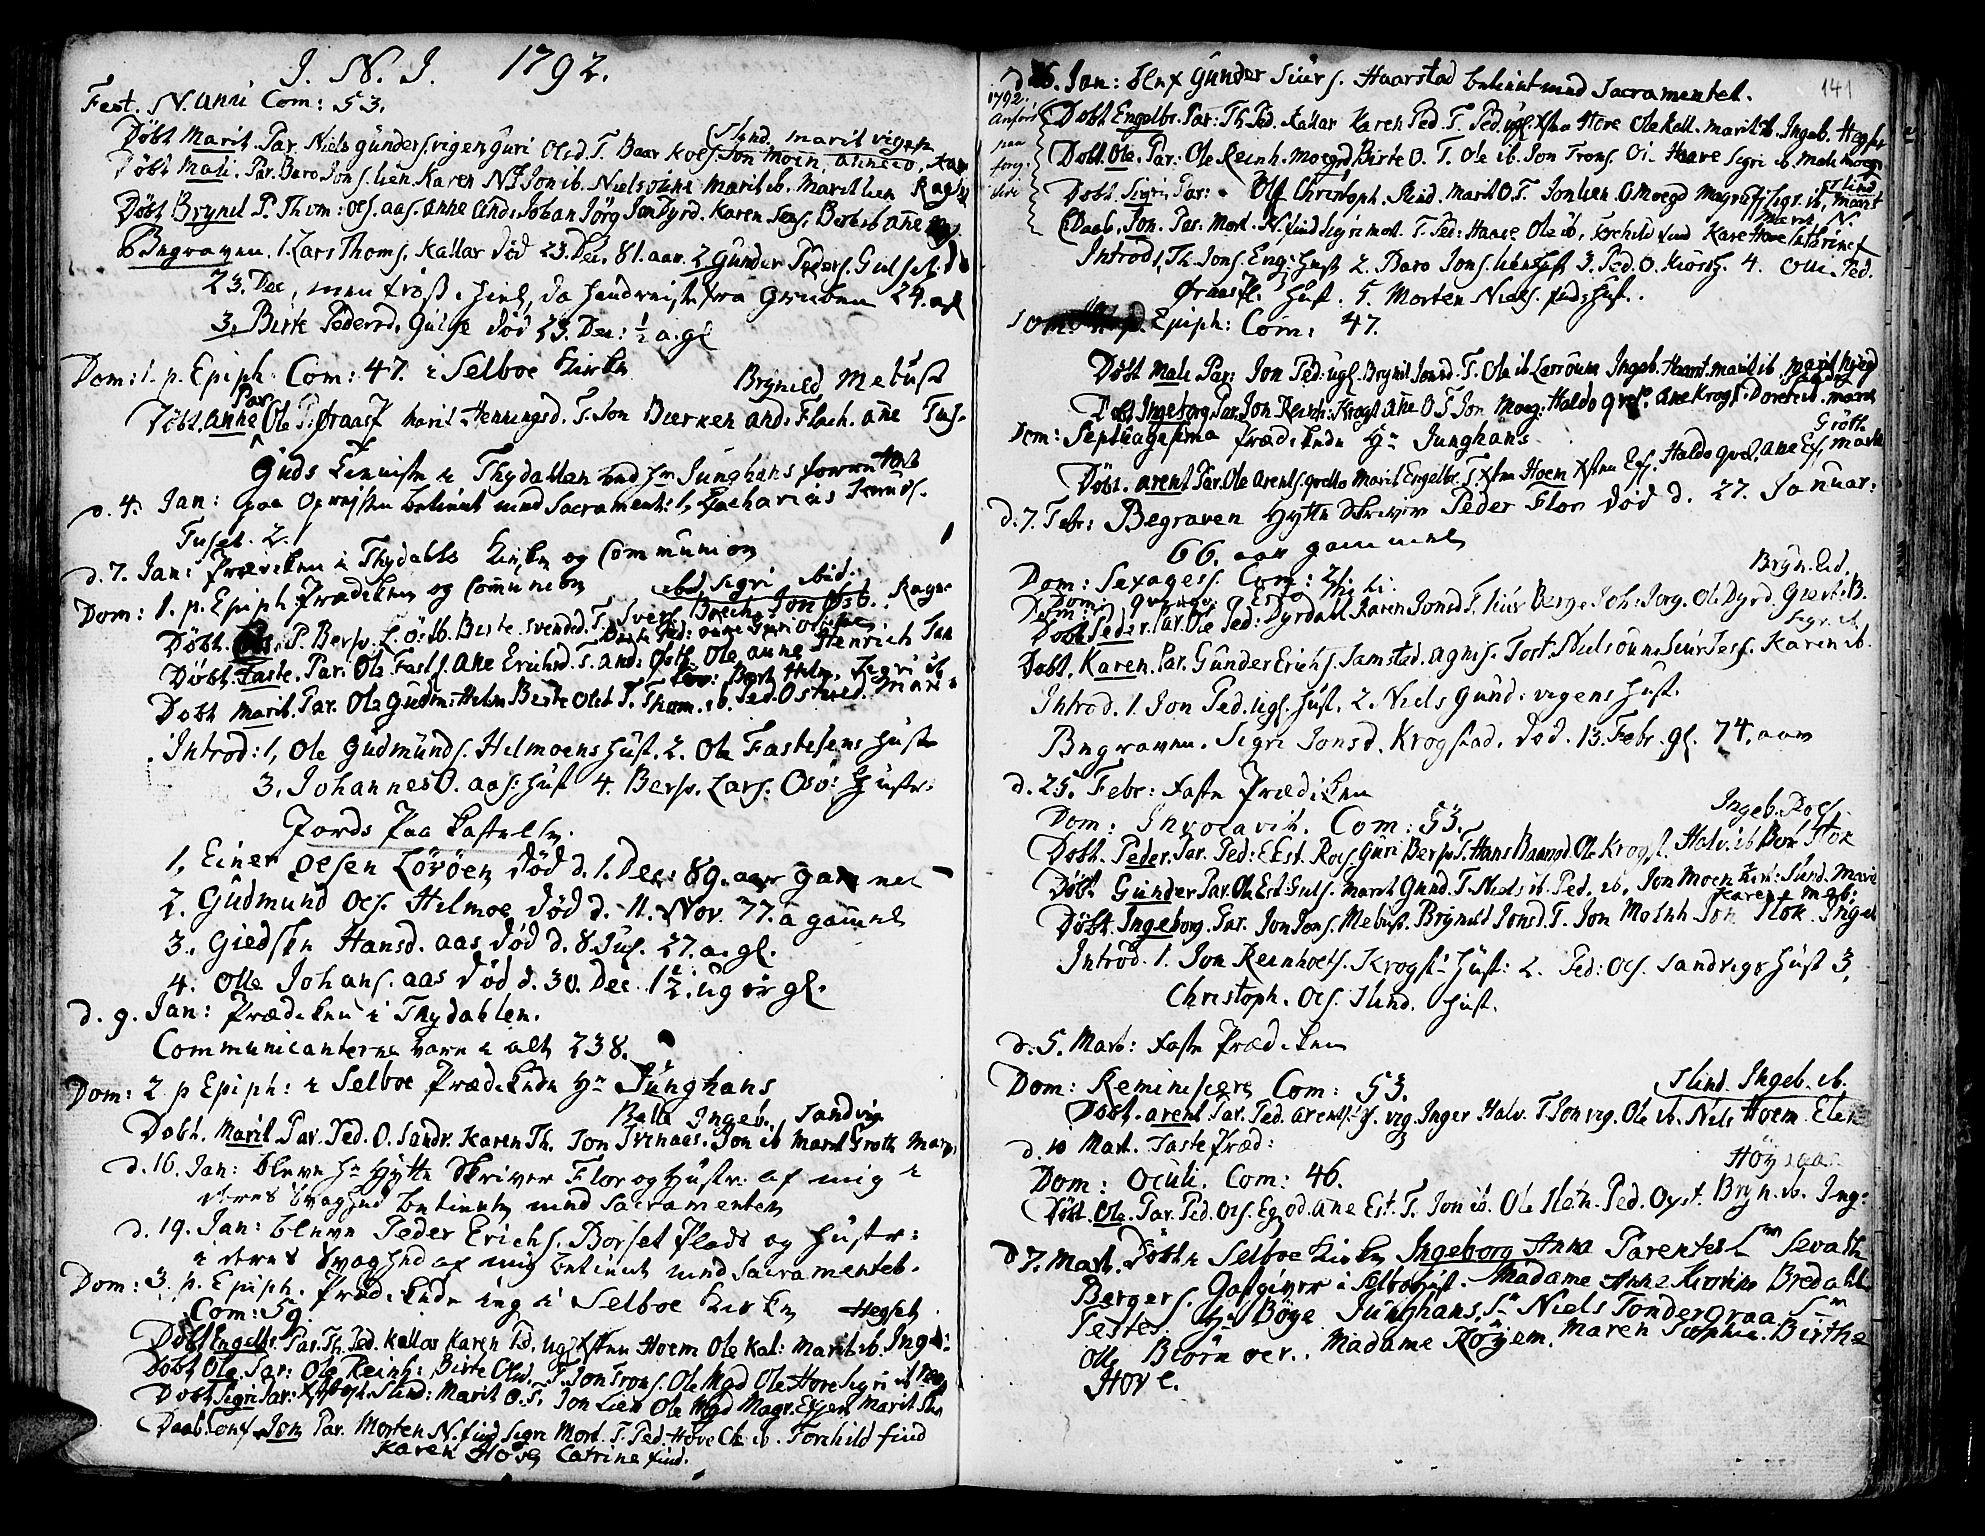 SAT, Ministerialprotokoller, klokkerbøker og fødselsregistre - Sør-Trøndelag, 695/L1138: Ministerialbok nr. 695A02 /1, 1757-1801, s. 141